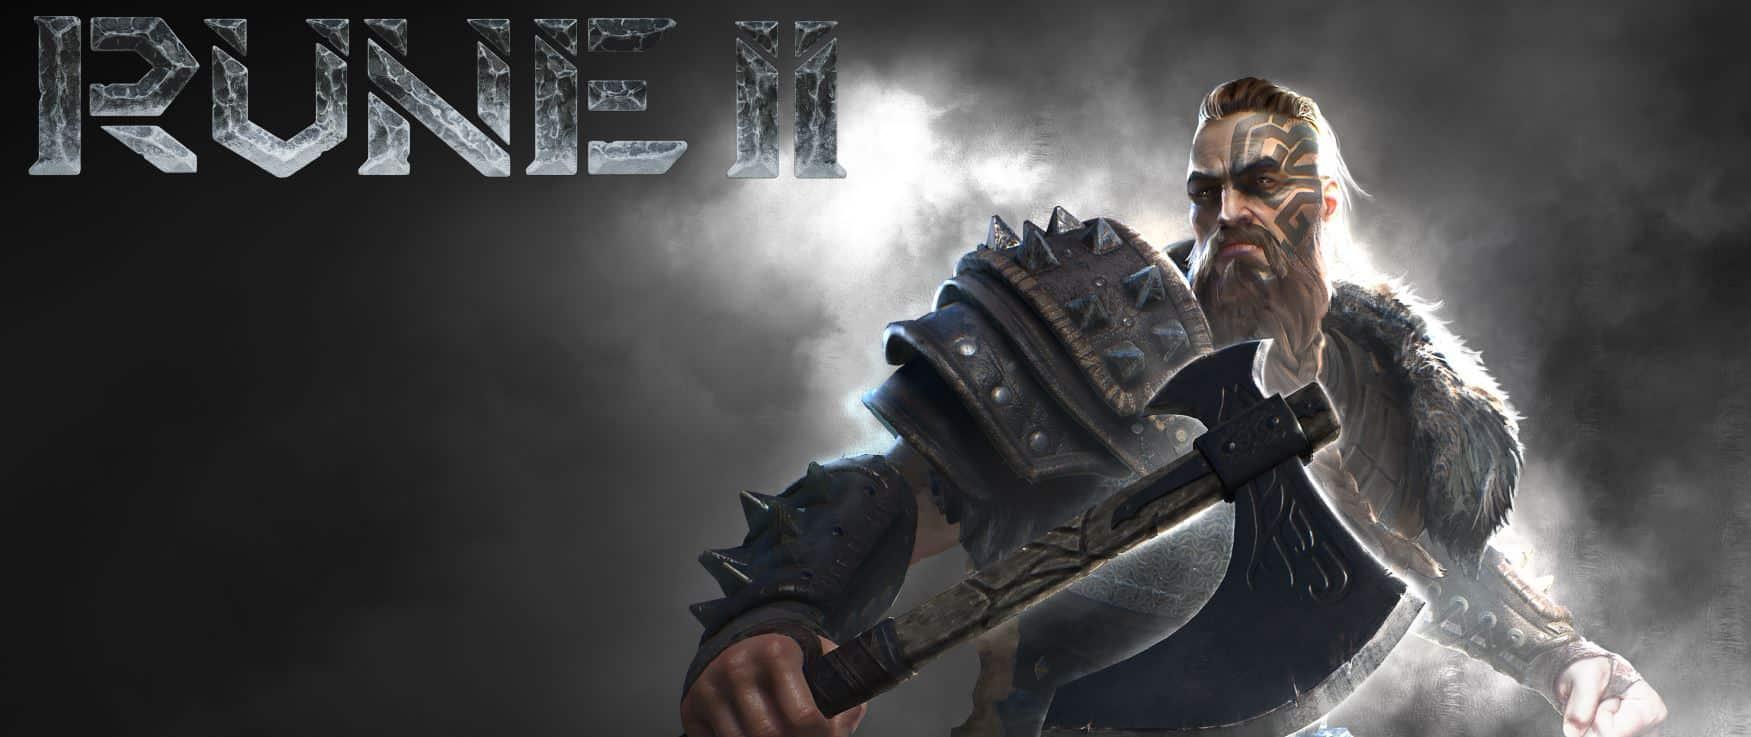 Rune-II-footer-image